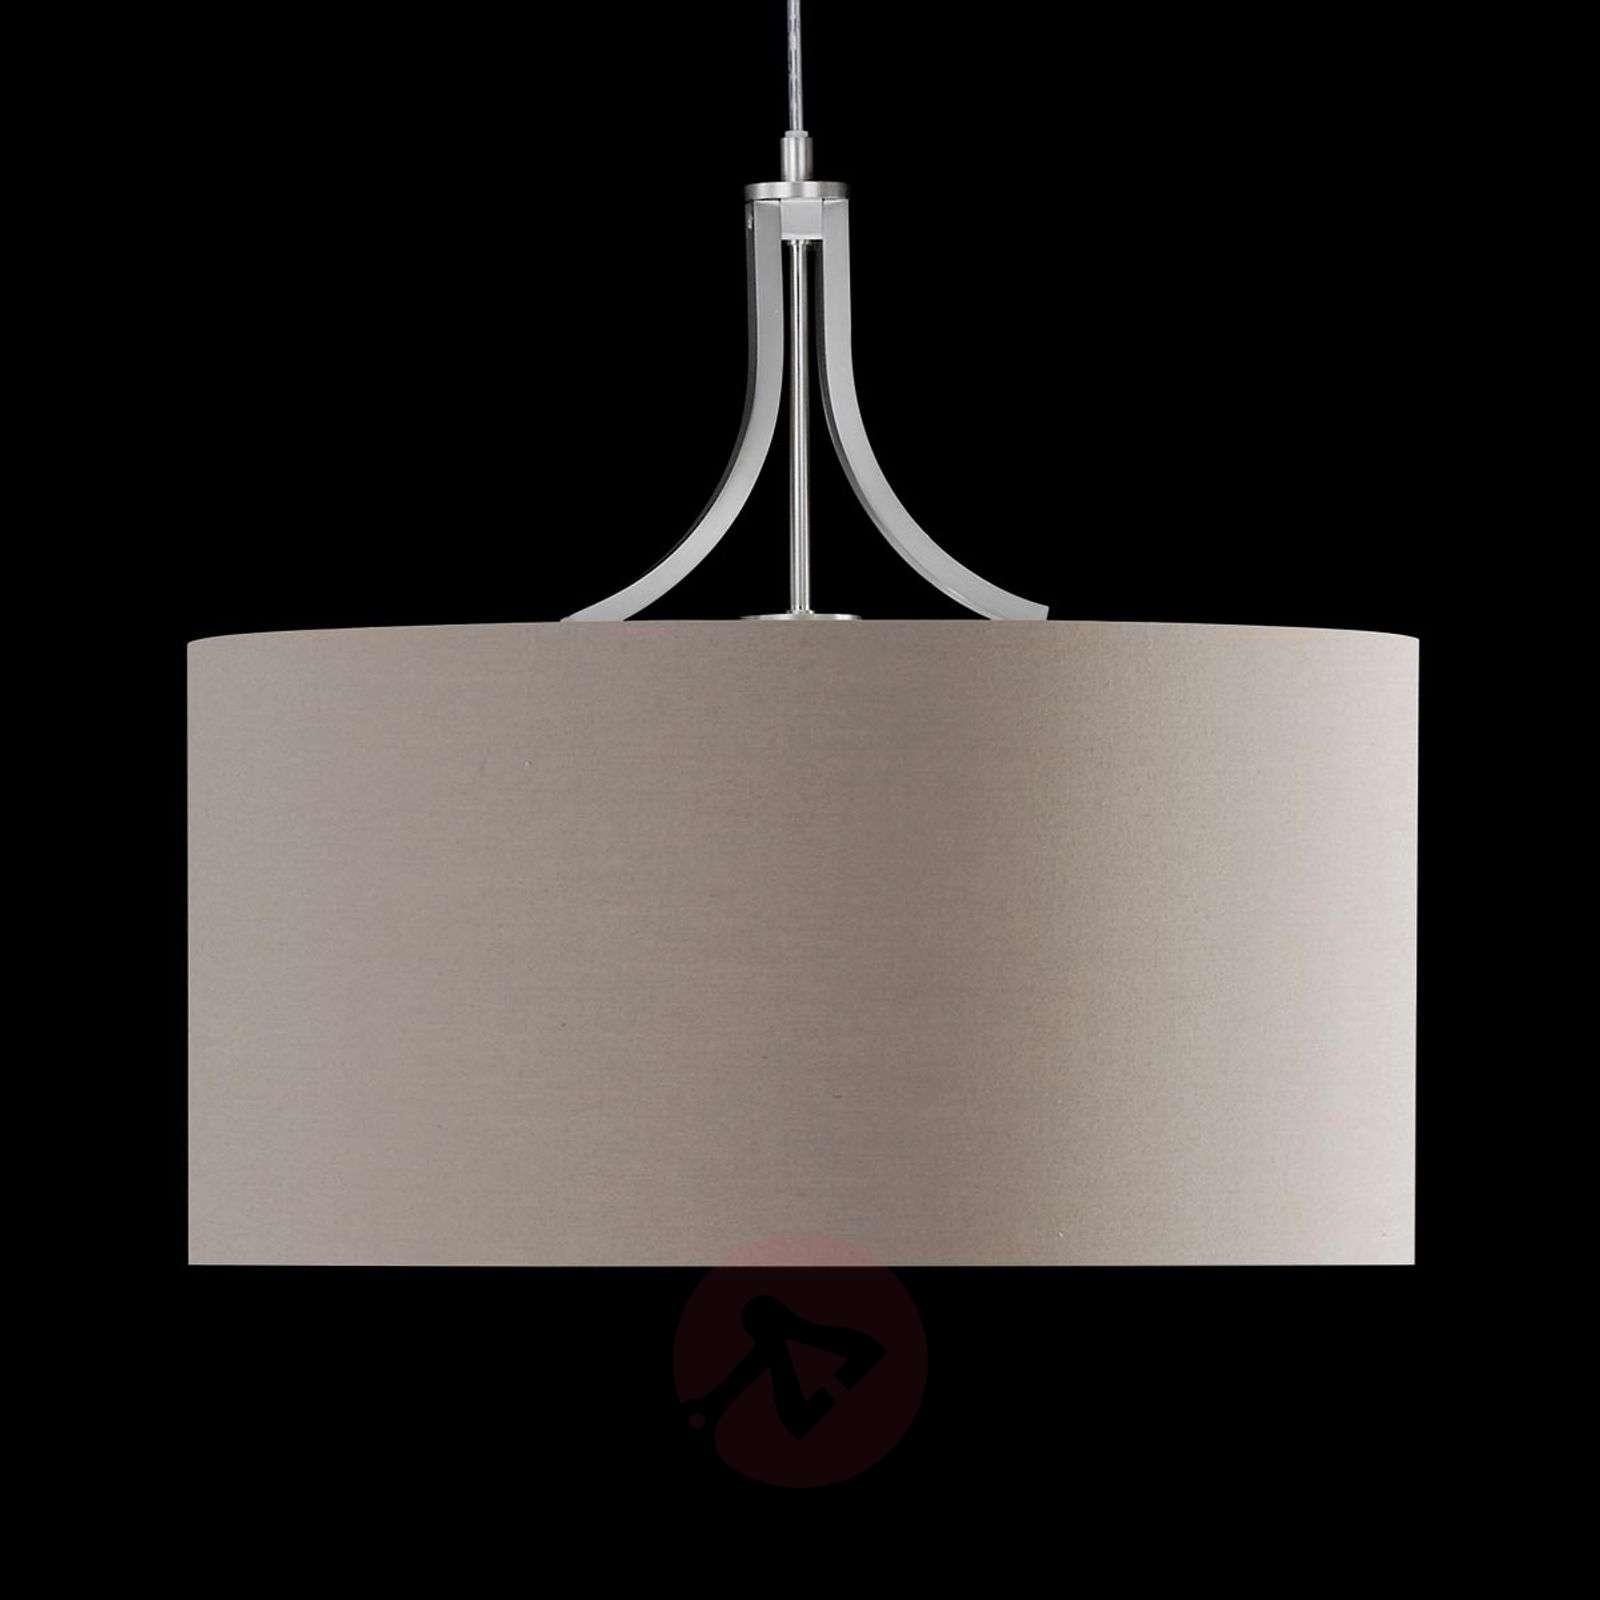 Mira attractive pendant lamp 1-bulb cappuccino-4580852-01